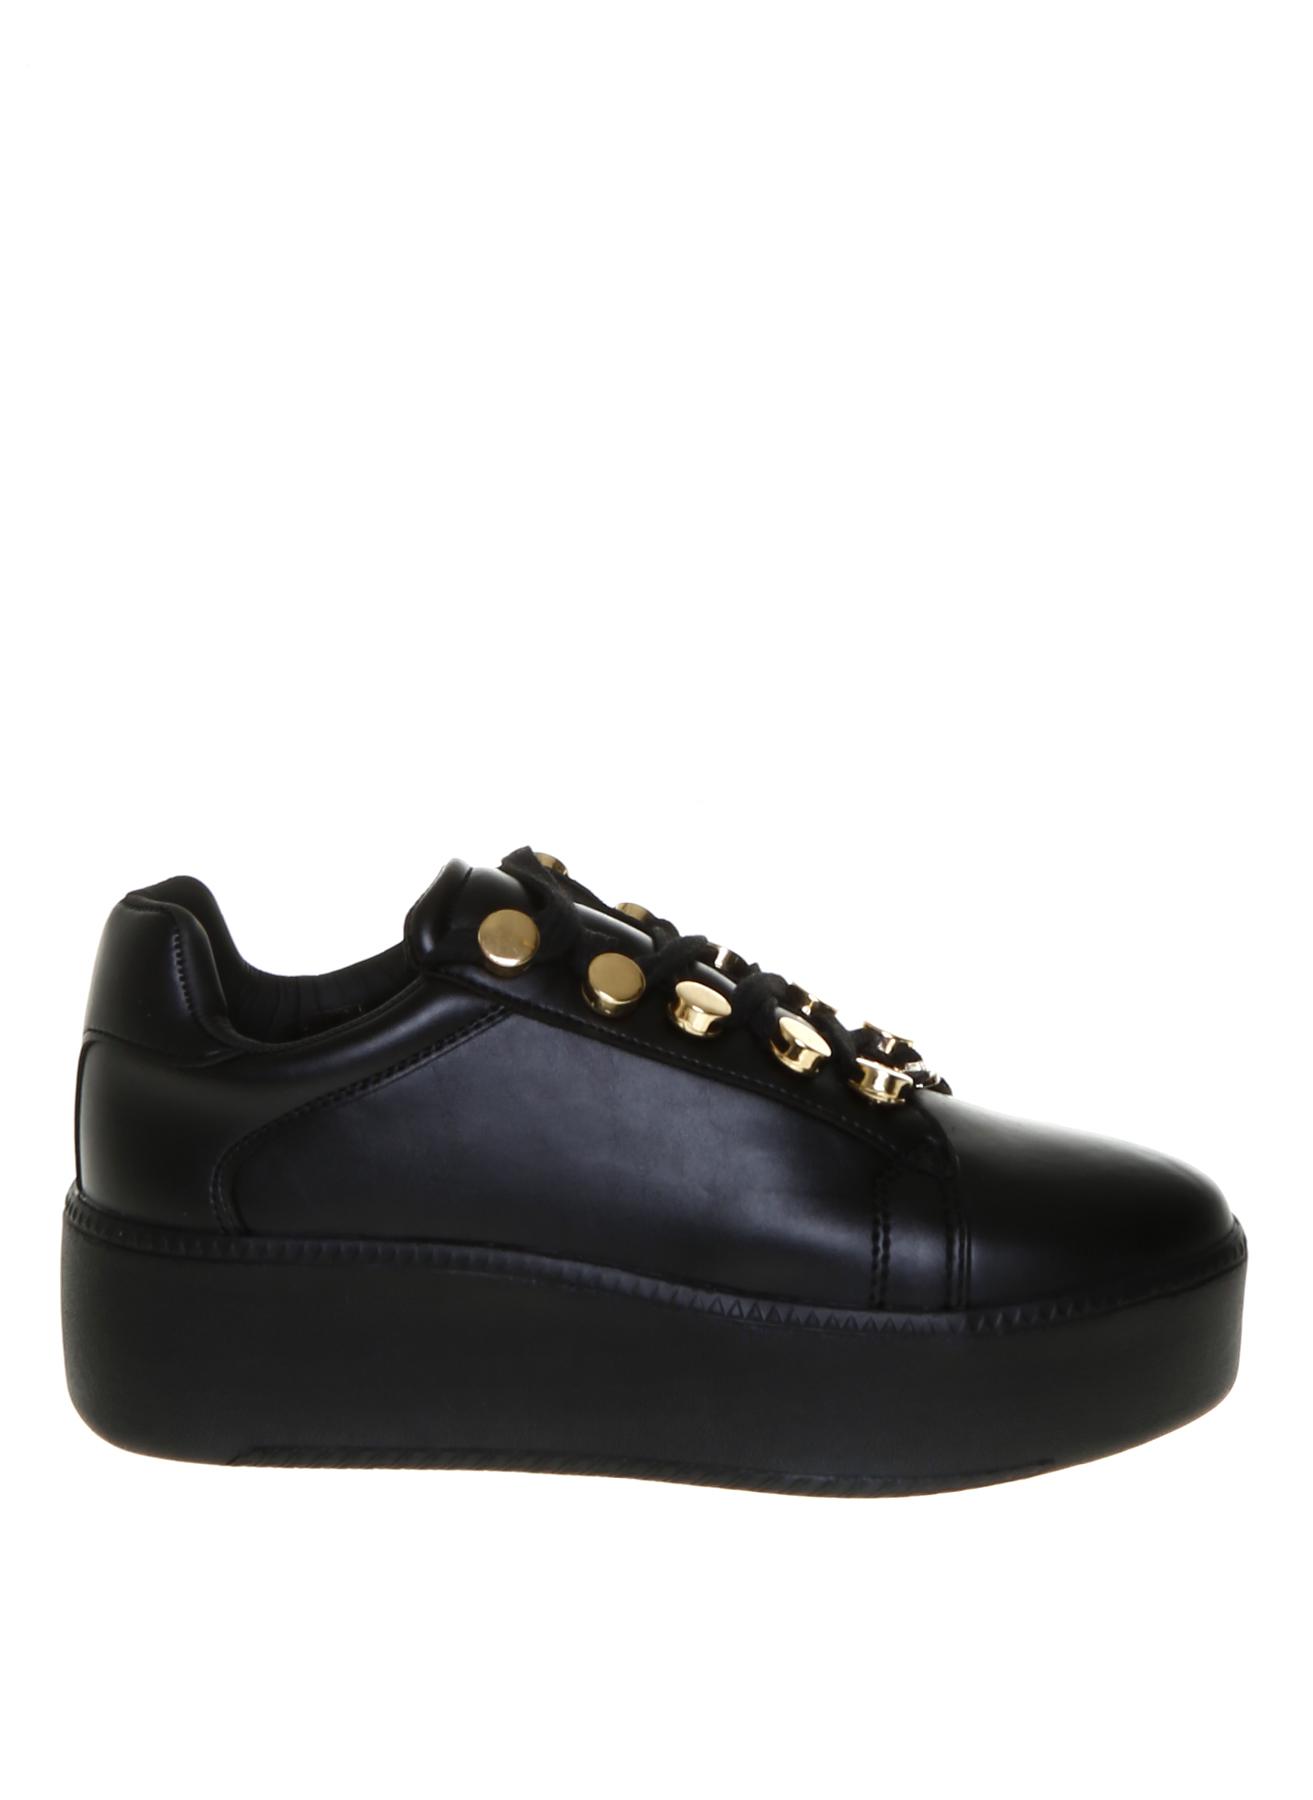 Limon Siyah Yürüyüş Ayakkabısı 39 5001630517004 Ürün Resmi